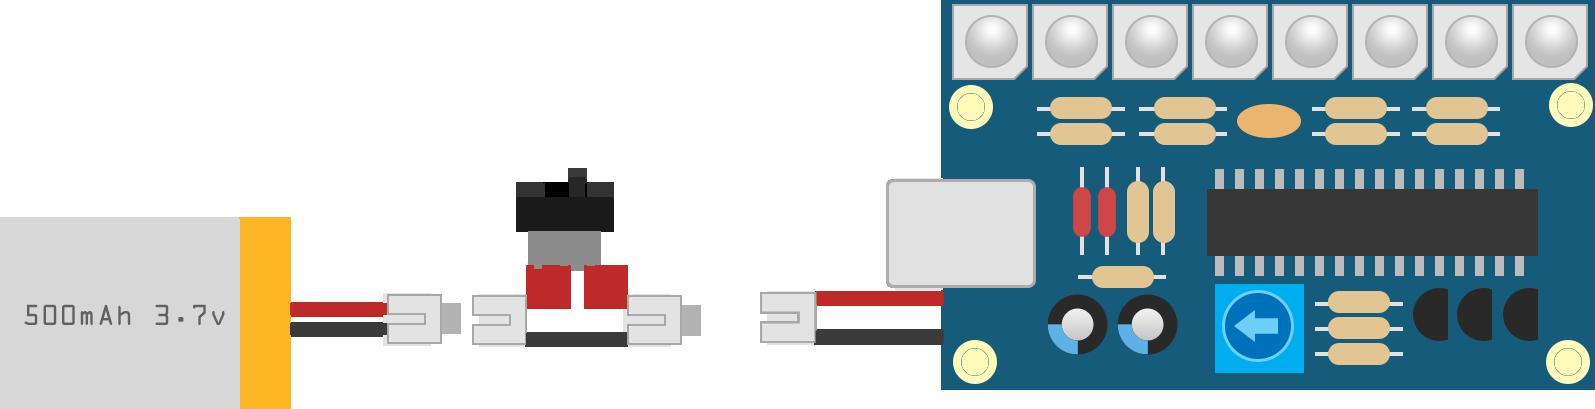 leds_circuit-diagram.png